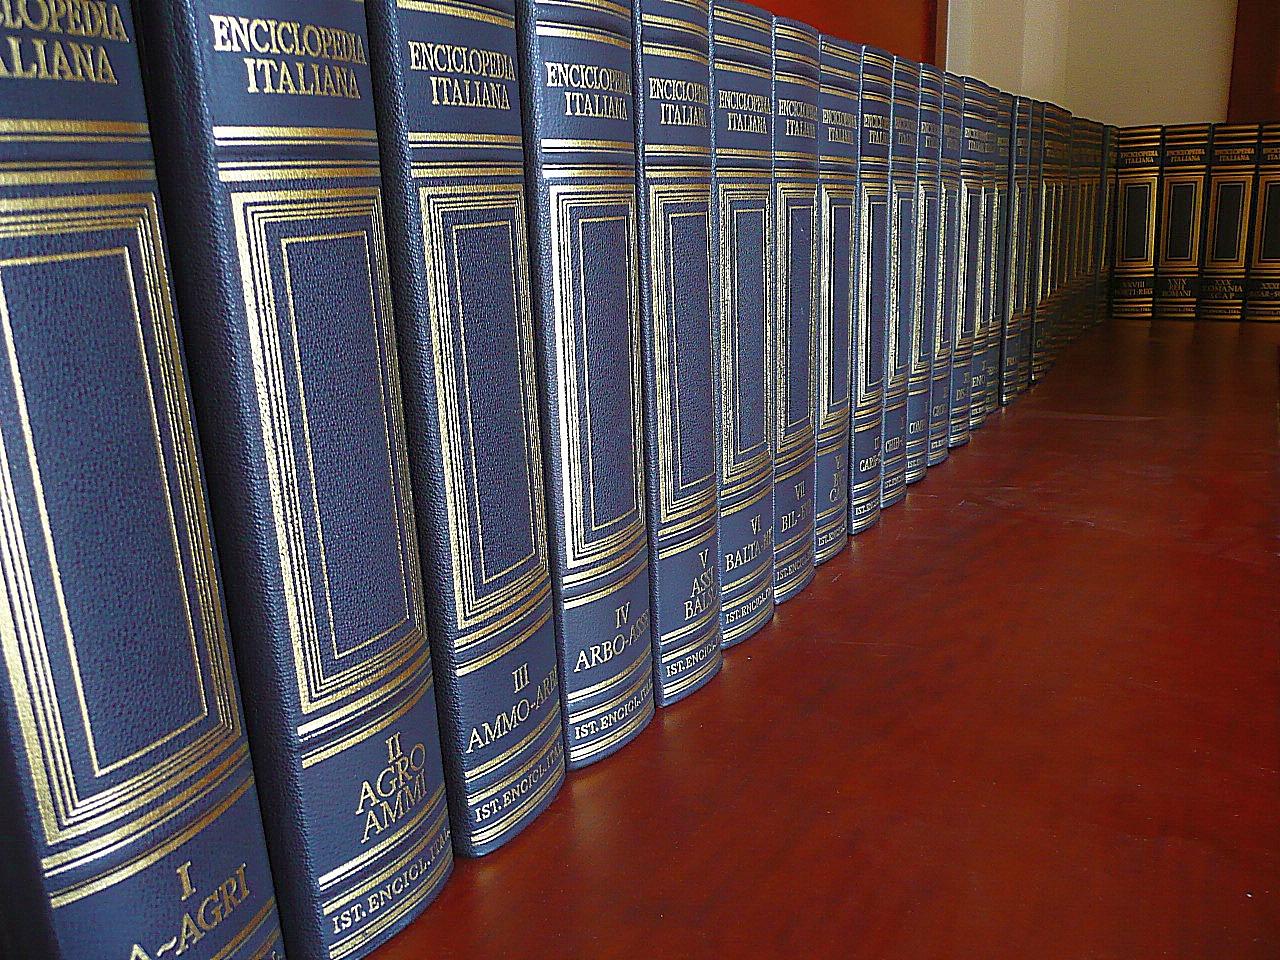 Enciclopedia Treccani: